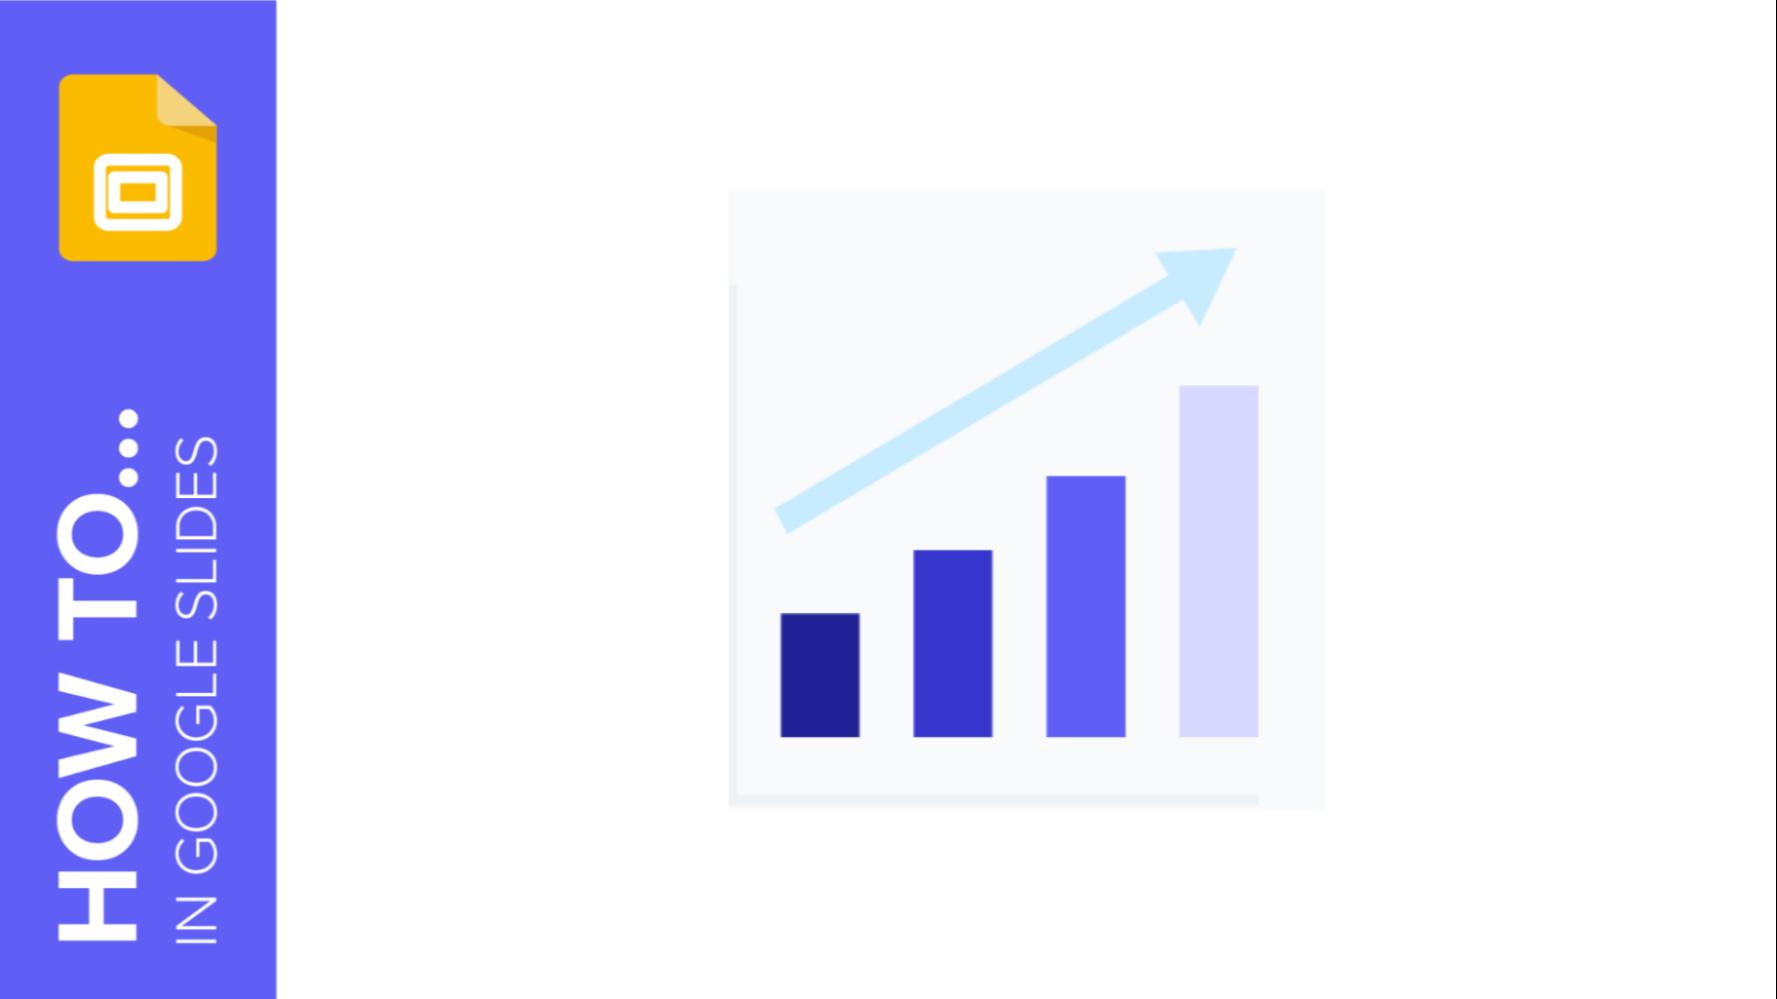 How to Make Charts in Google Slides | Schnelle Tipps & Tutorials für deine Präsentationen